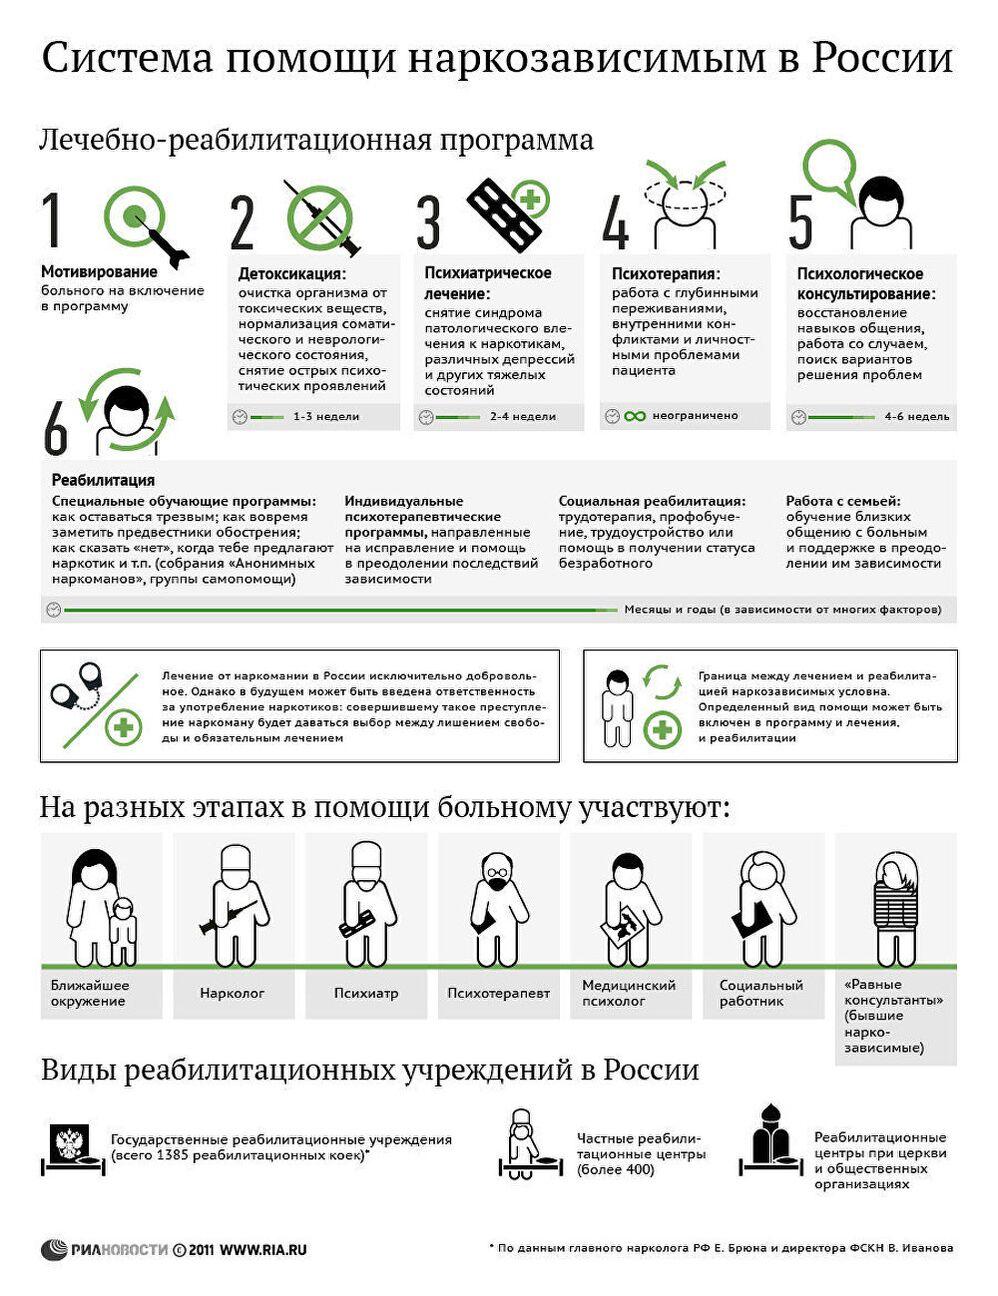 Система помощи наркозависимым в России